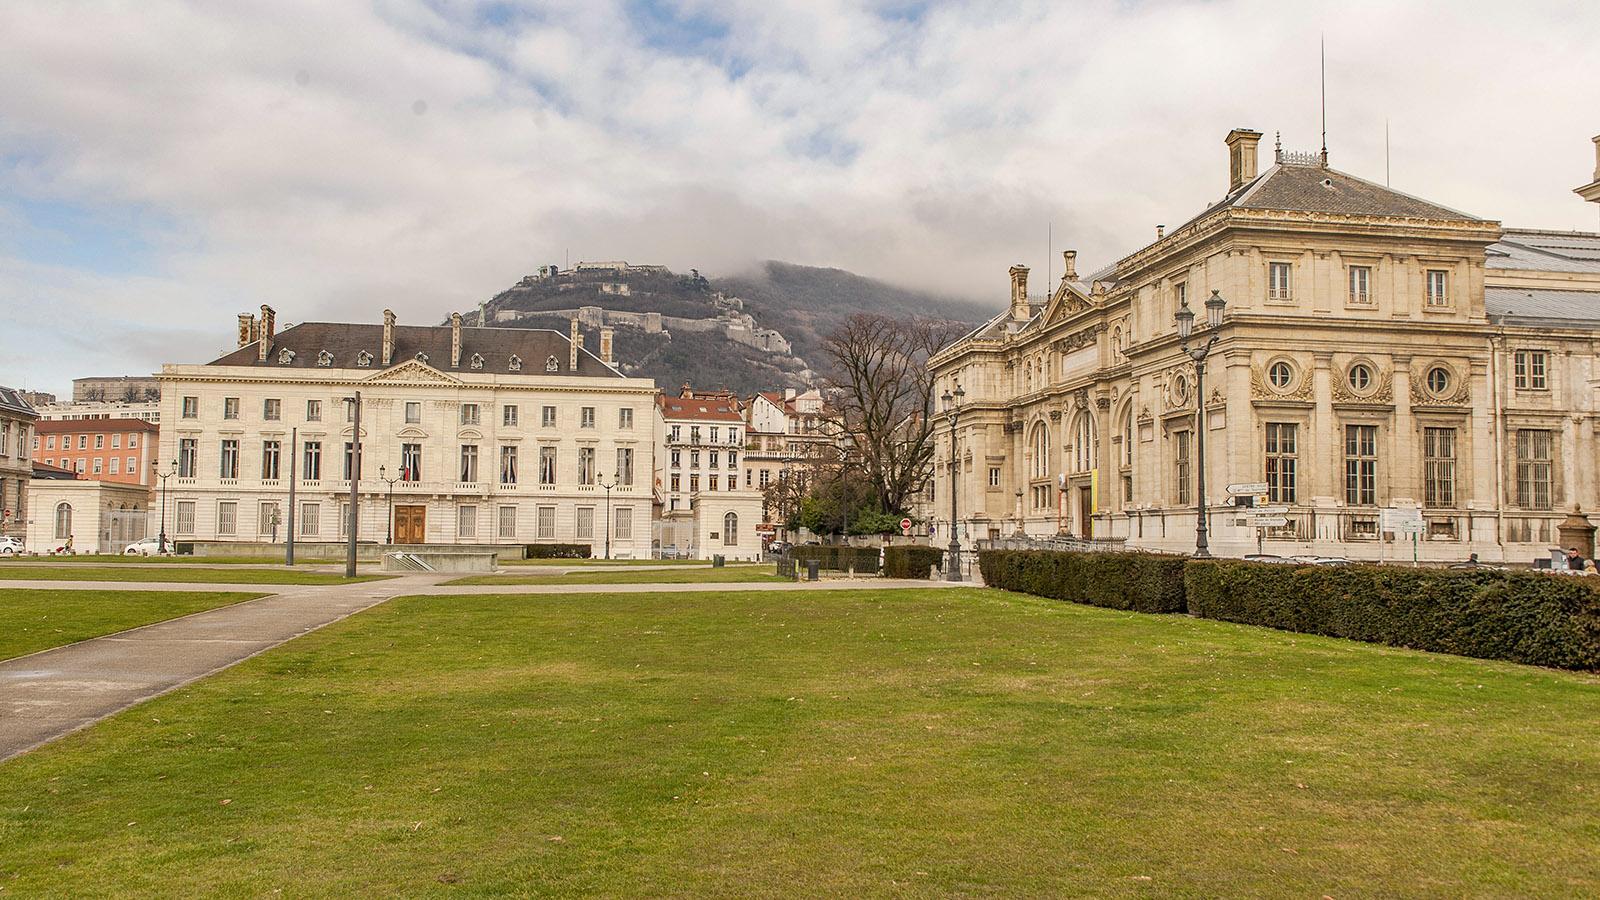 Die Place de Verdun von Grenoble. Foto: Hilke Maunder